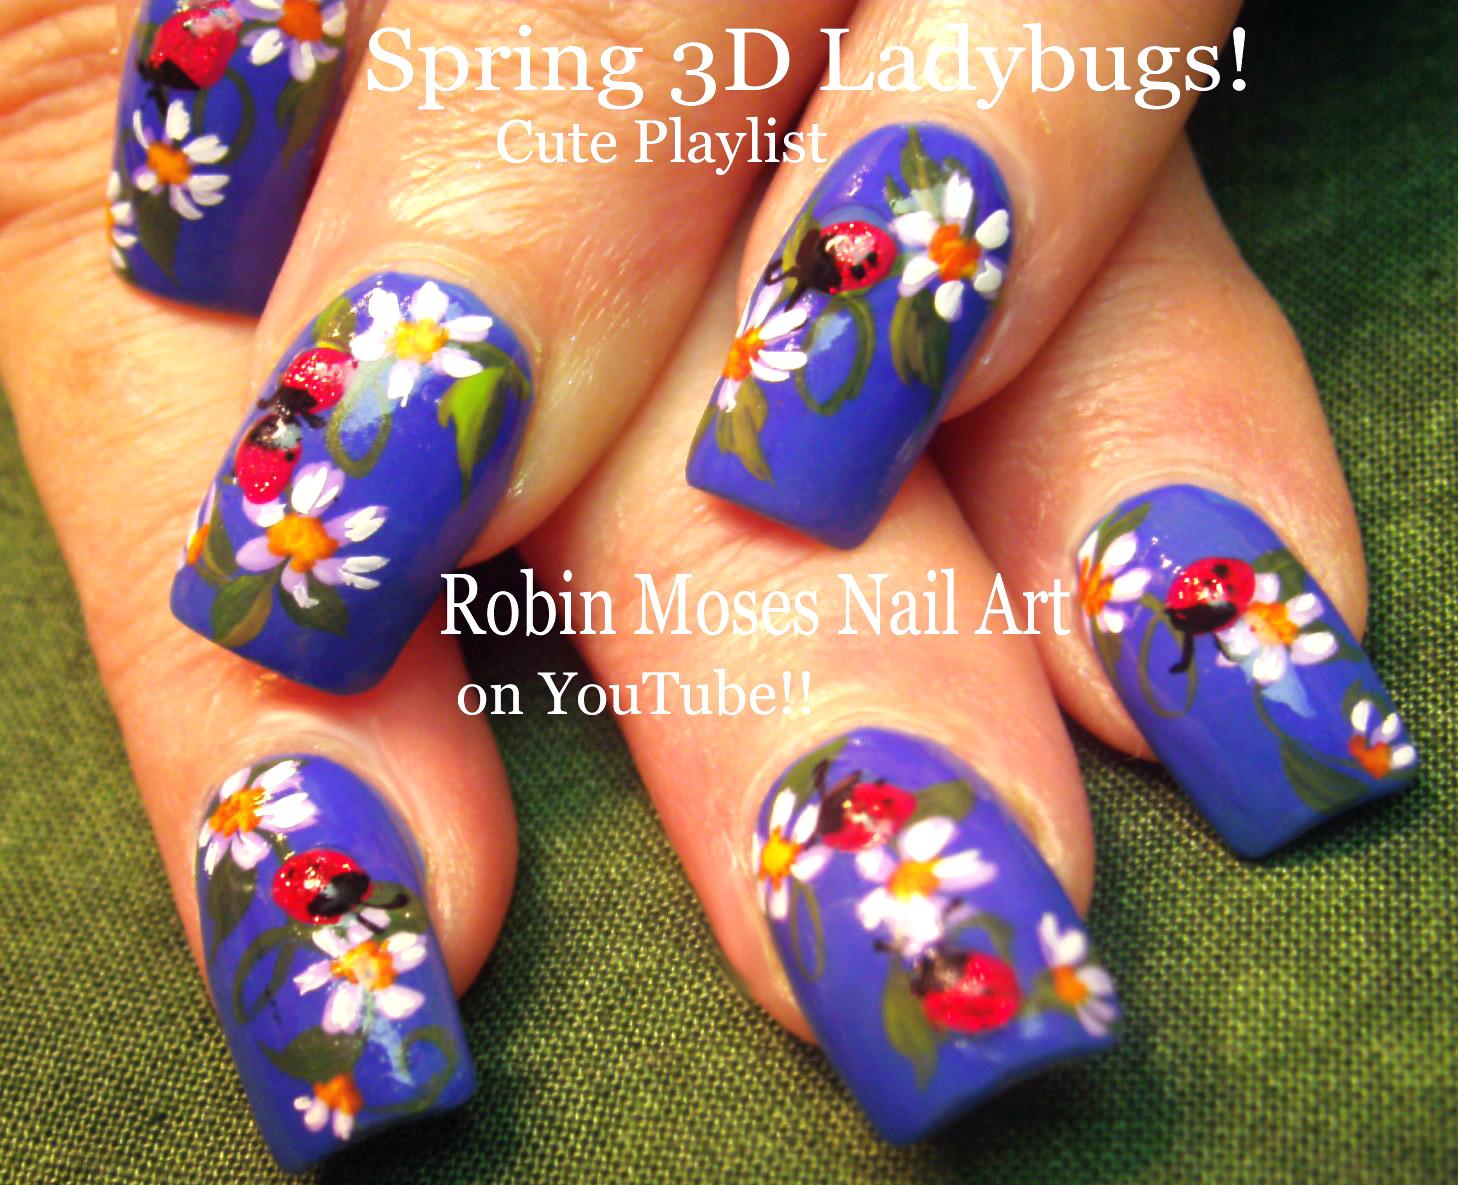 Nail Art By Robin Moses Ladybug Nail Design Tutorial